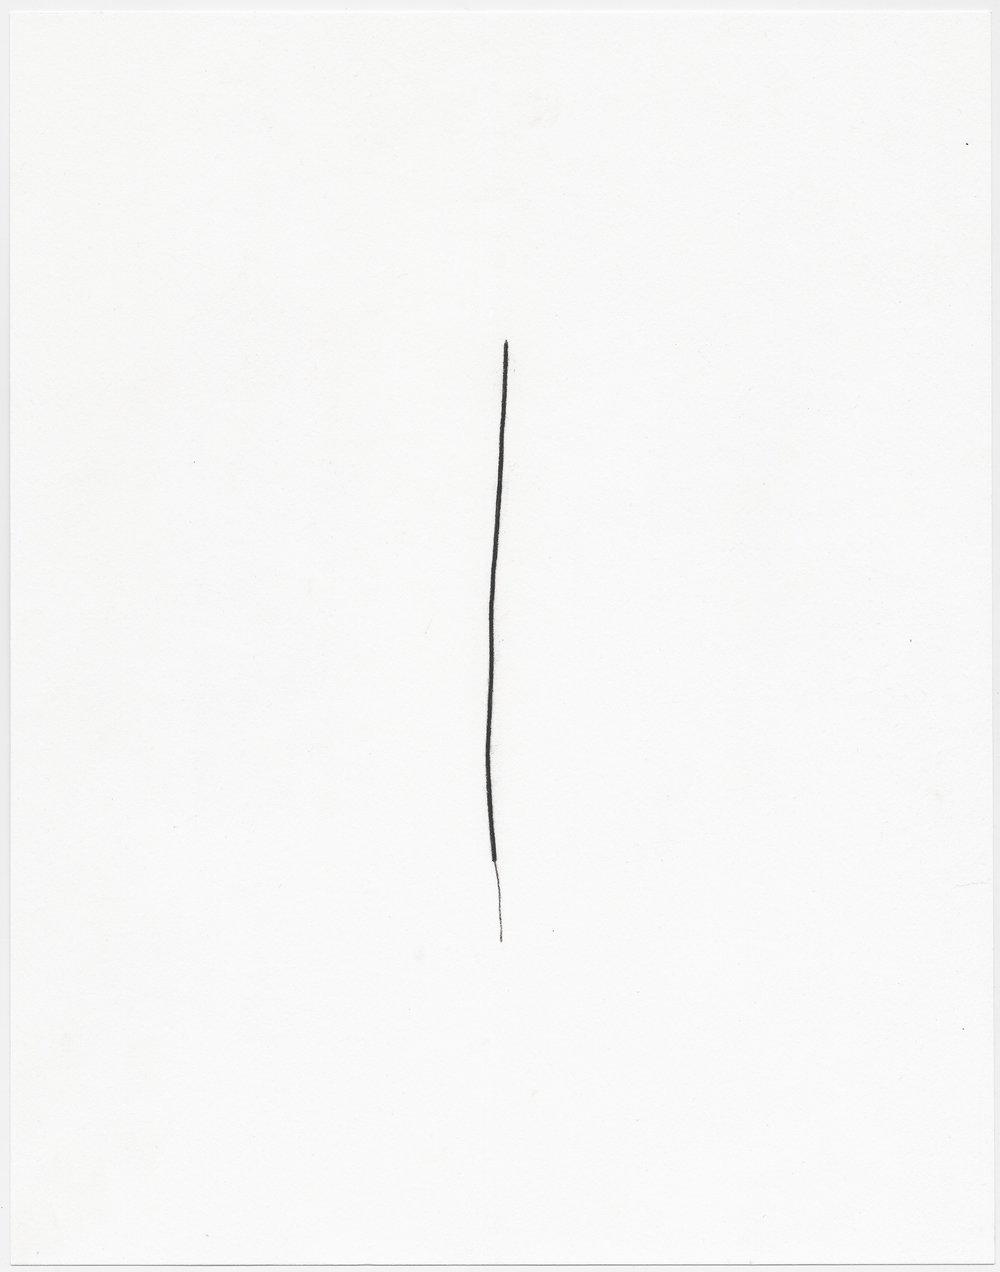 """© Sophie Jodoin, """"elle commence ici 19"""", fusain sur papier Stonehenge, 35,5 x 28 cm, 2018. Courtesy Galerie C"""